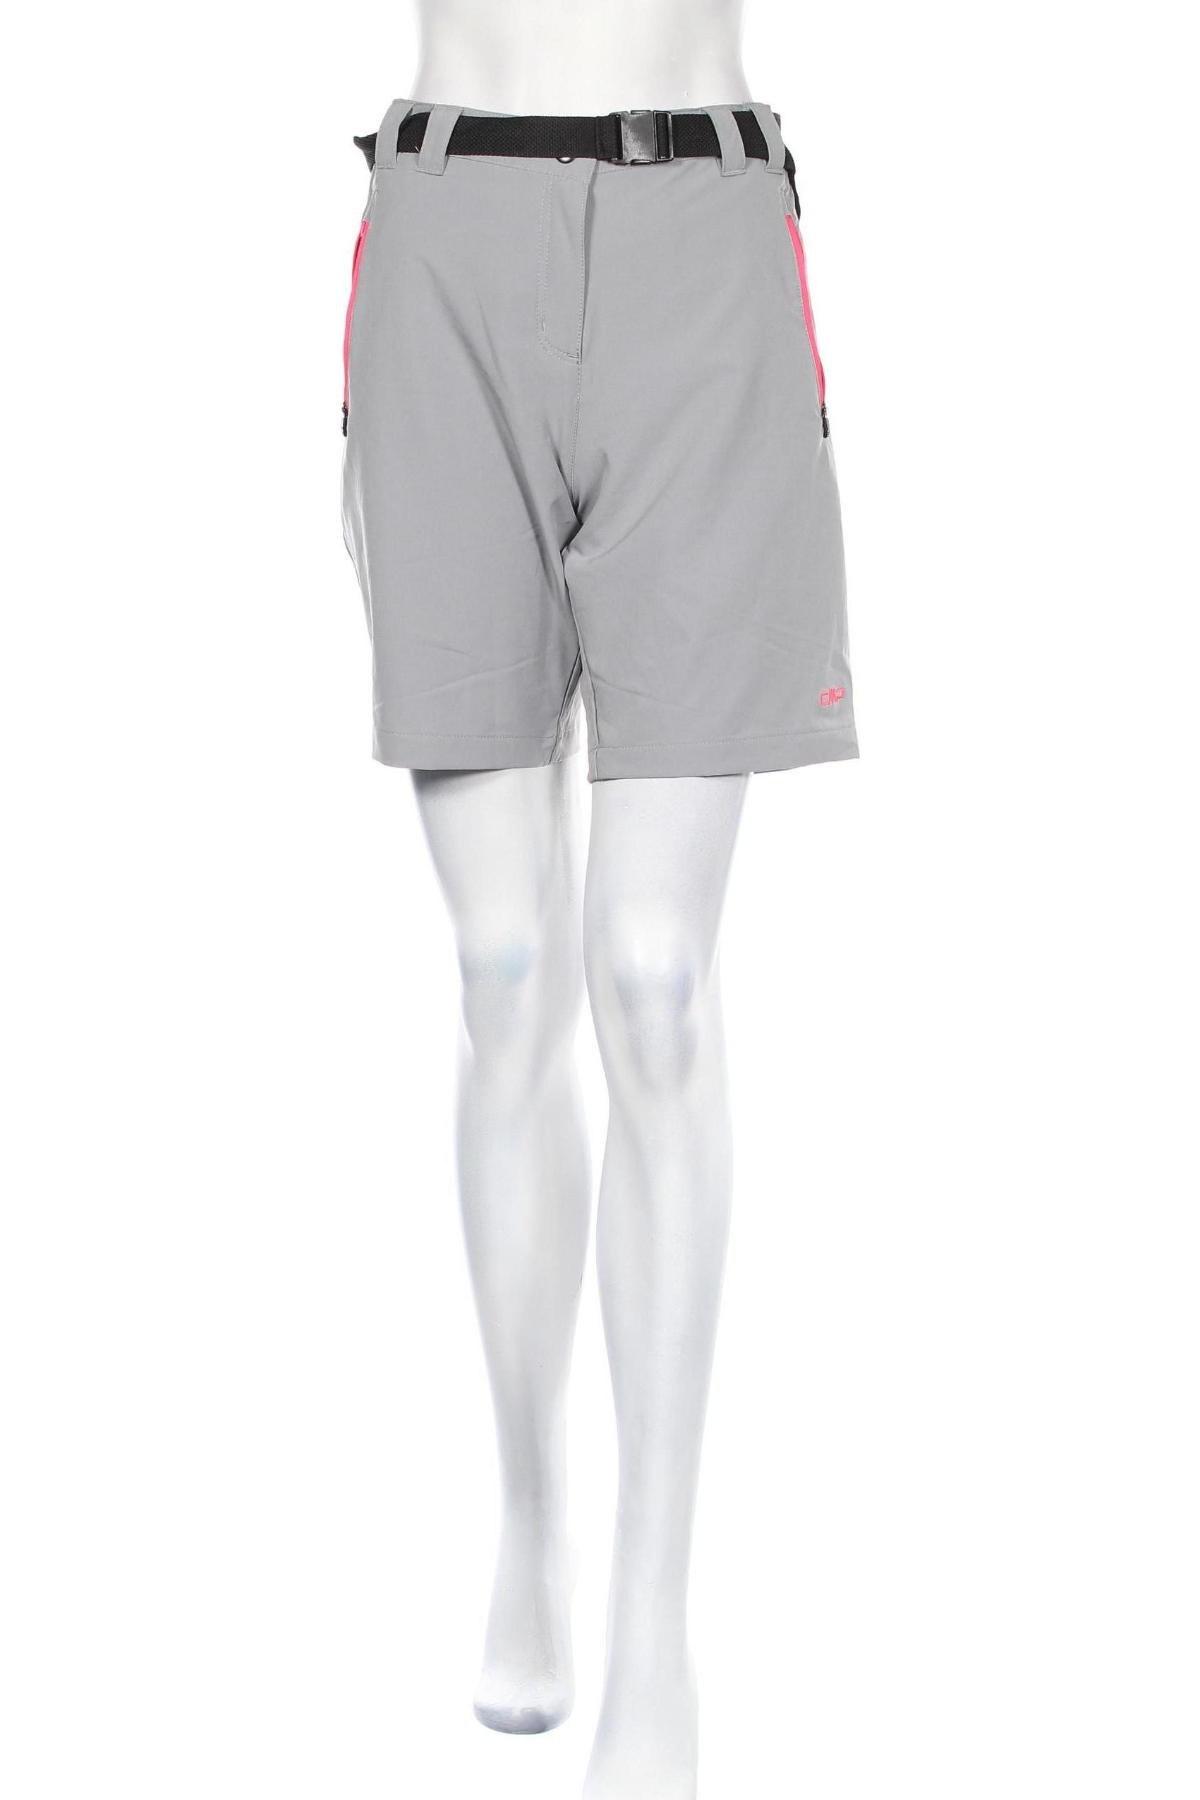 Дамски къс панталон CMP, Размер L, Цвят Сив, 89% полиестер, 11% еластан, Цена 44,25лв.